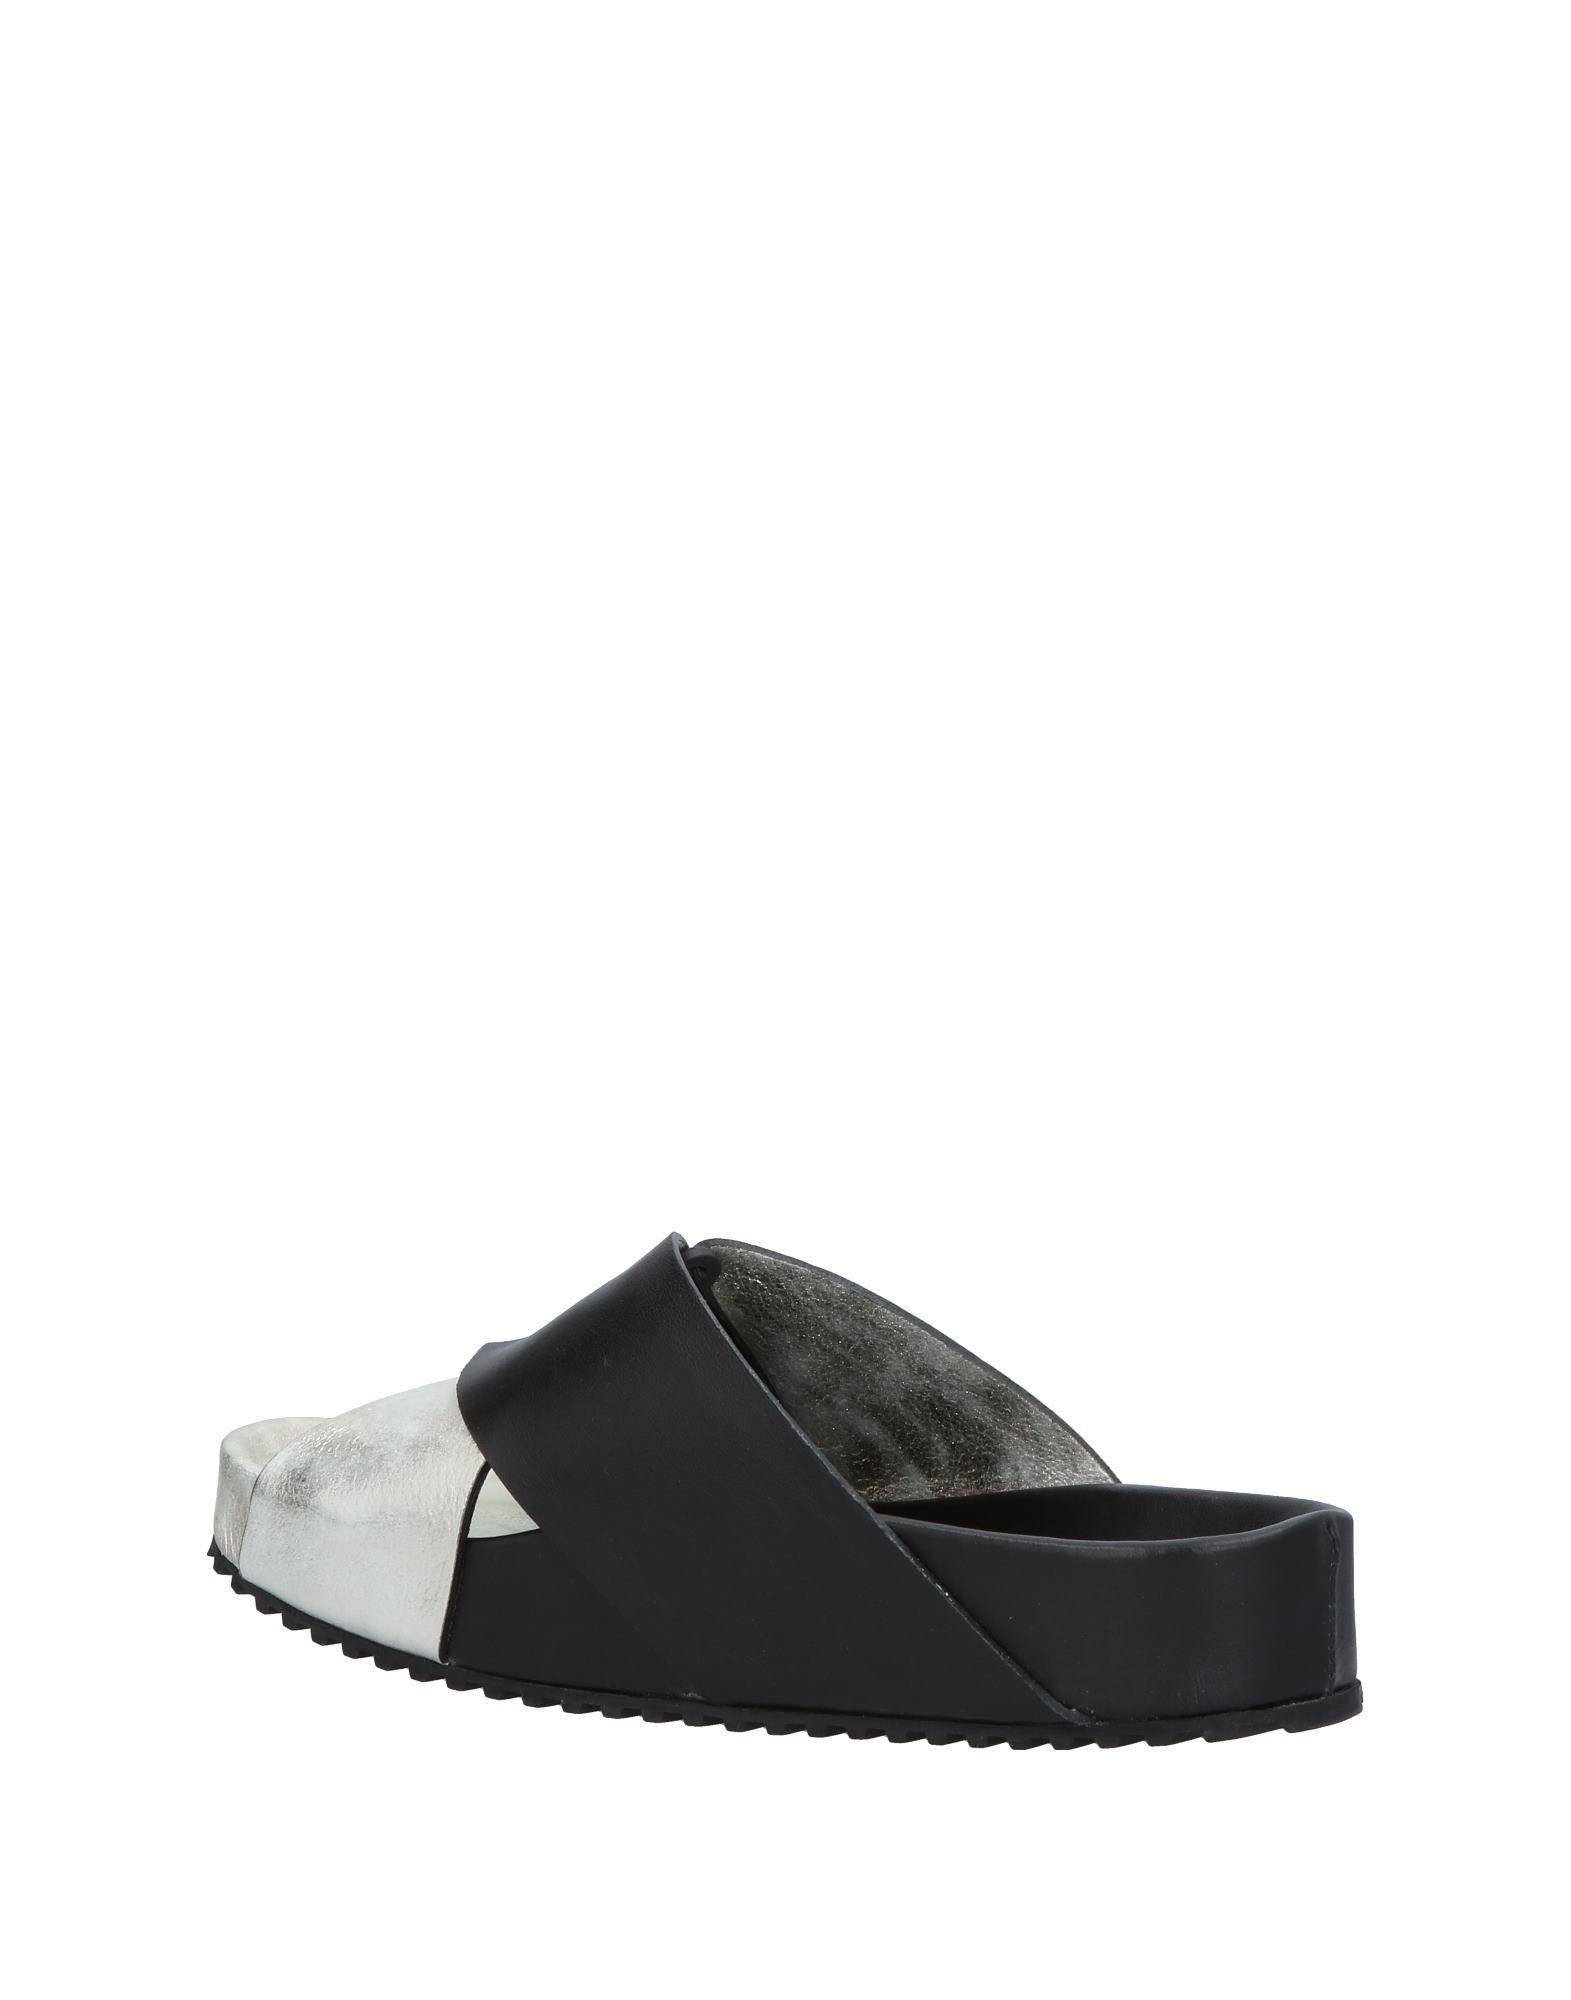 Sandales Cuir Leather Crown en coloris Métallisé